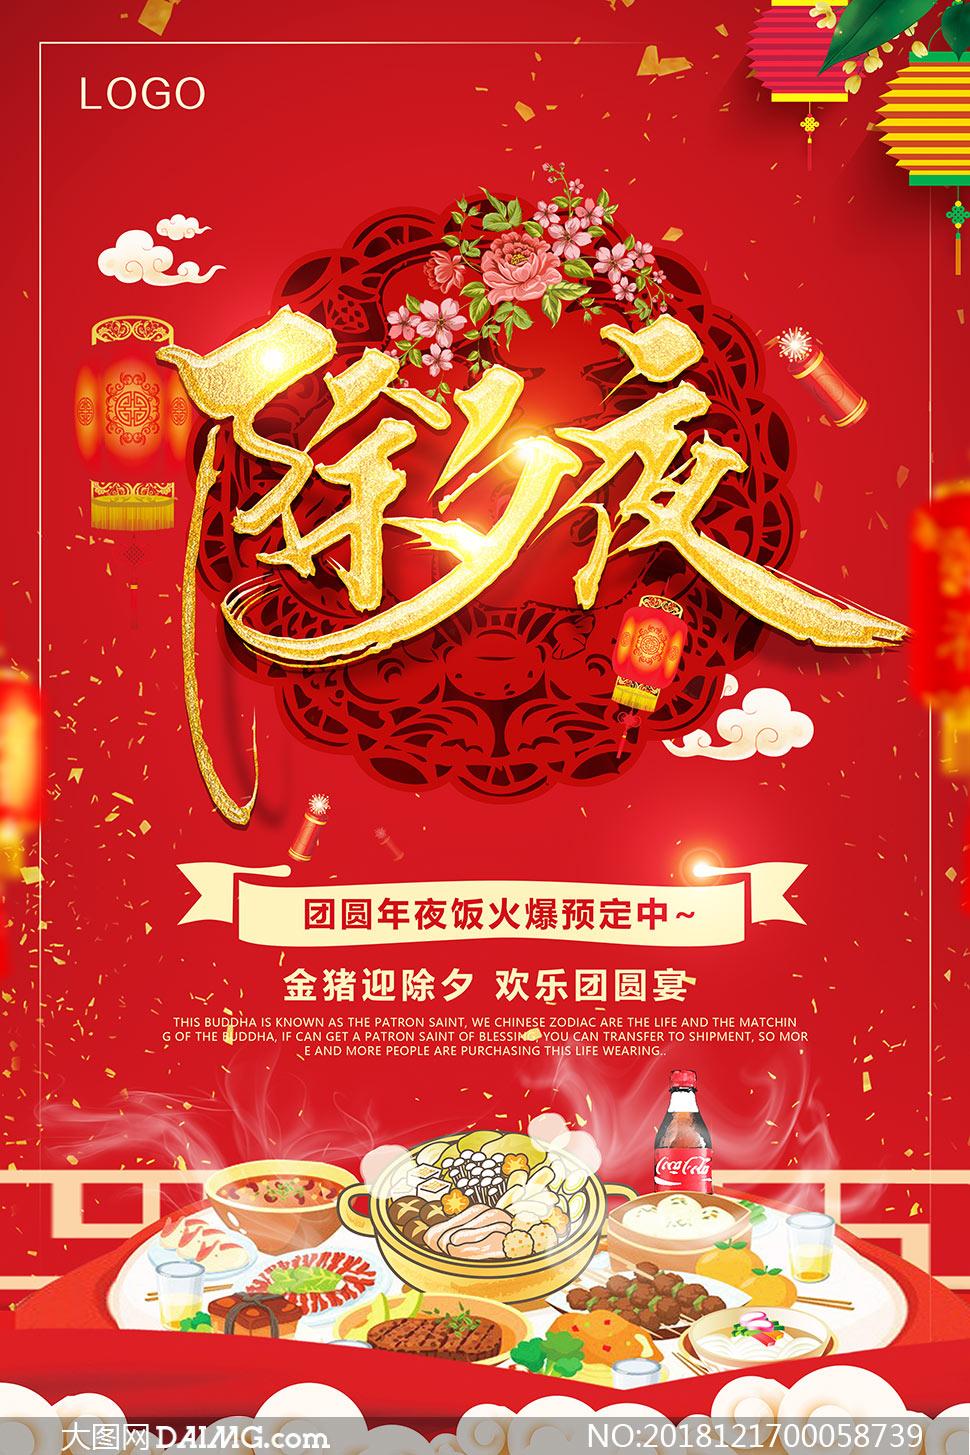 猪年年夜饭预订宣传海报PSD素材